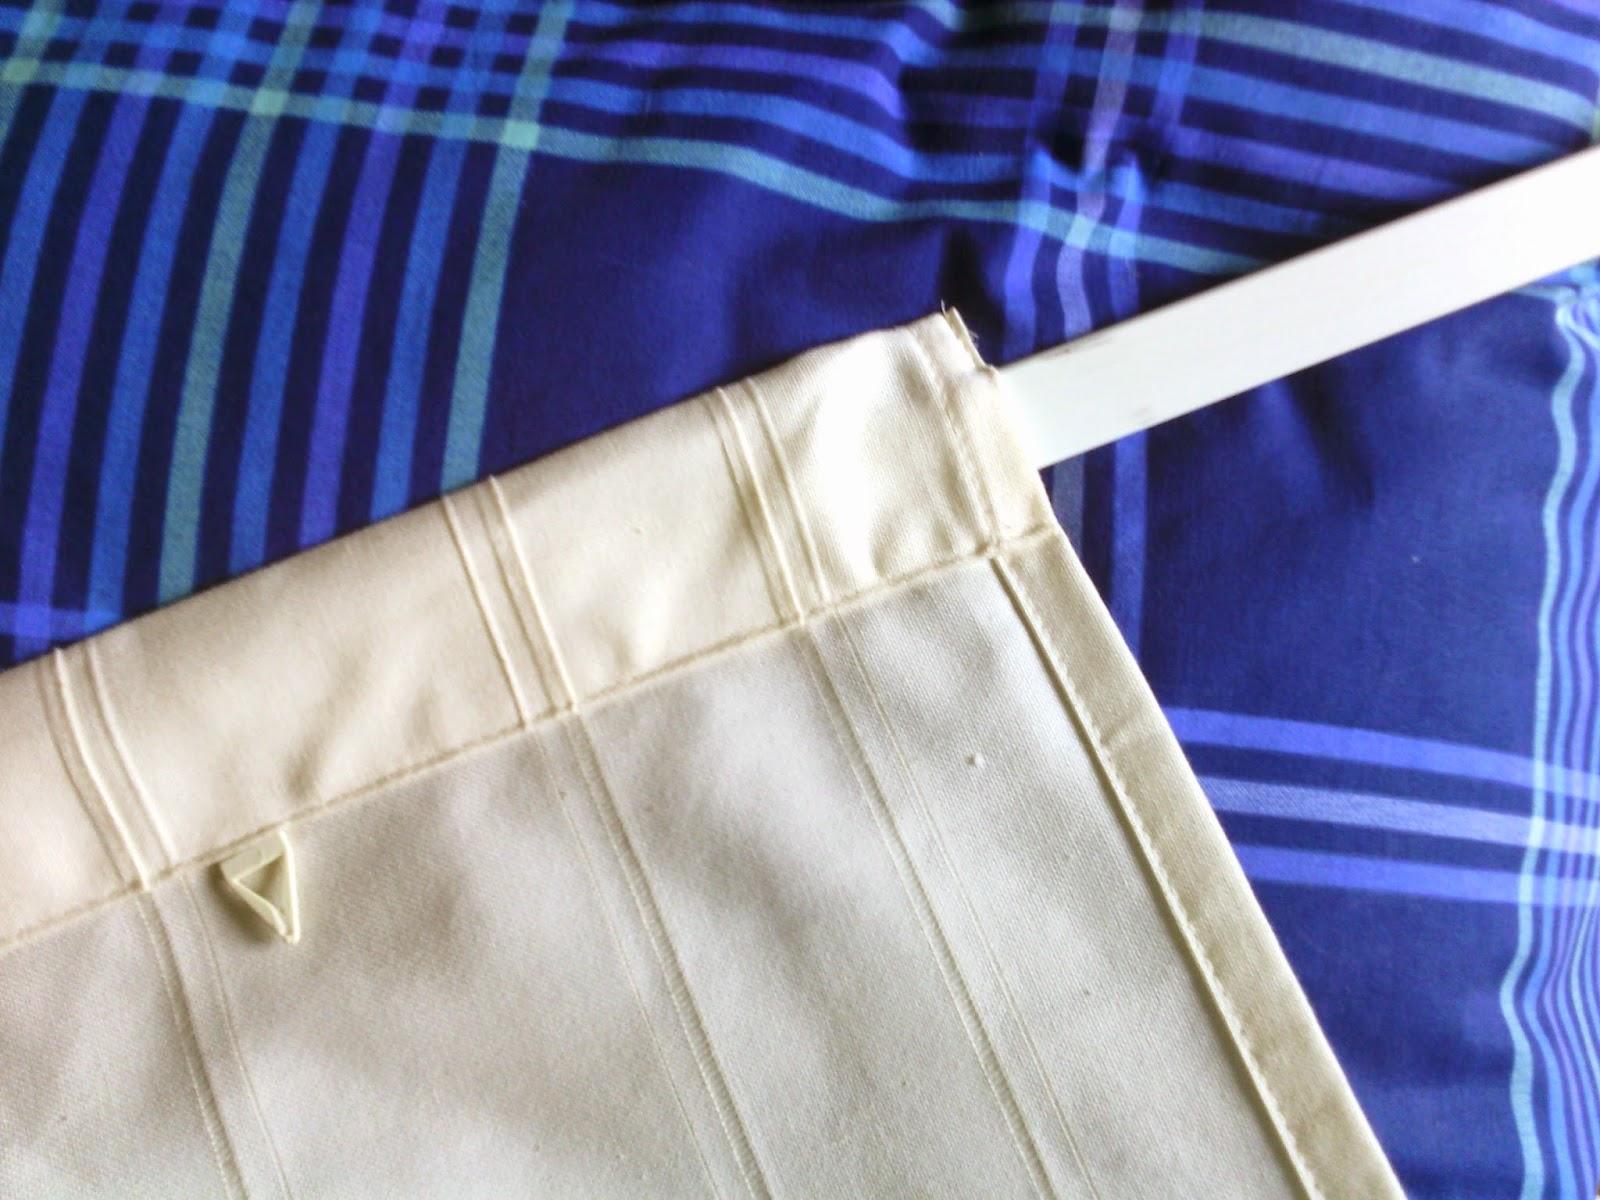 Ideas isalovir como pasar las cuerdas de un estor - Como hacer un estor sin varillas ...